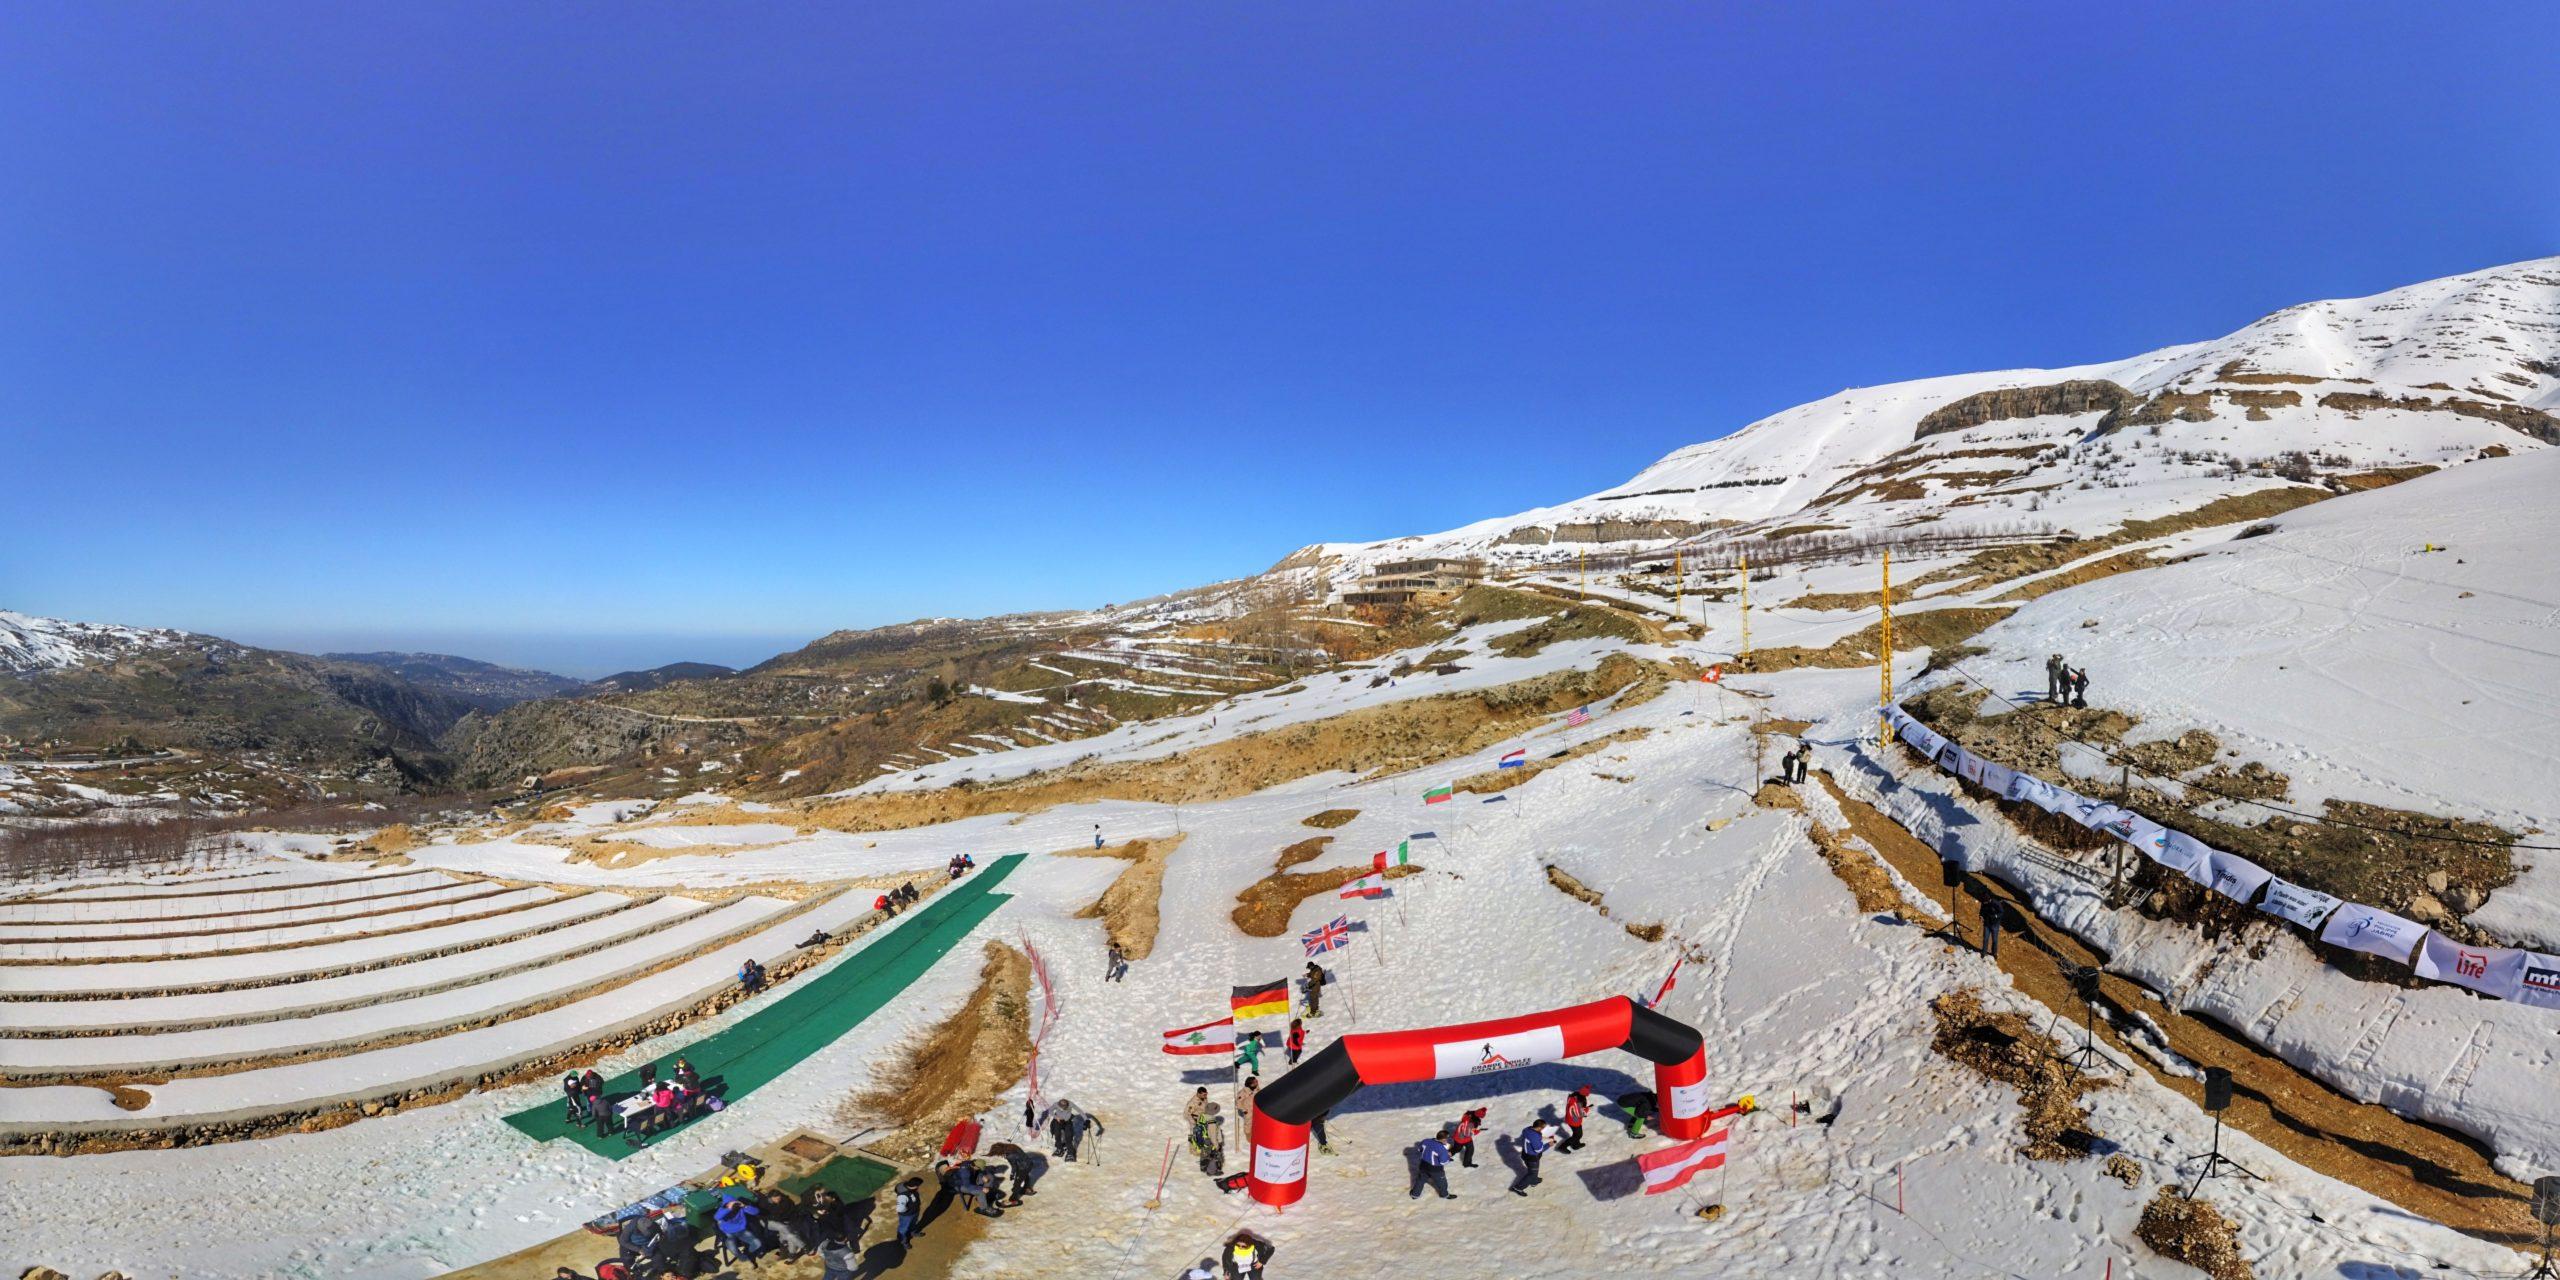 Snow on mountain slopes